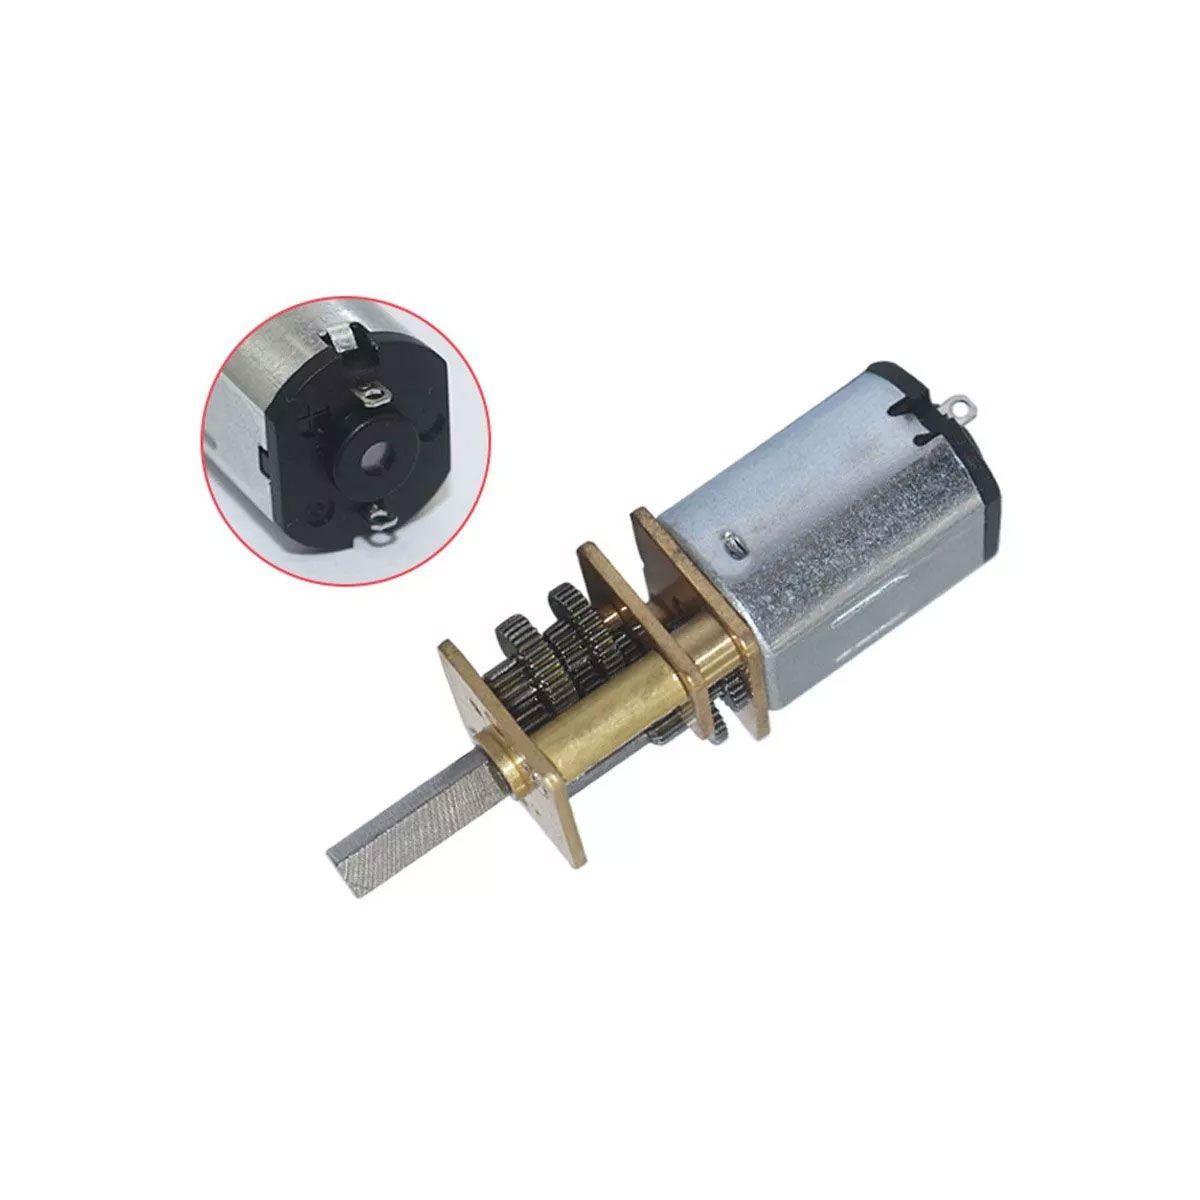 Mini Motor N20 6v 500 RPM Caixa de Redução de Metal